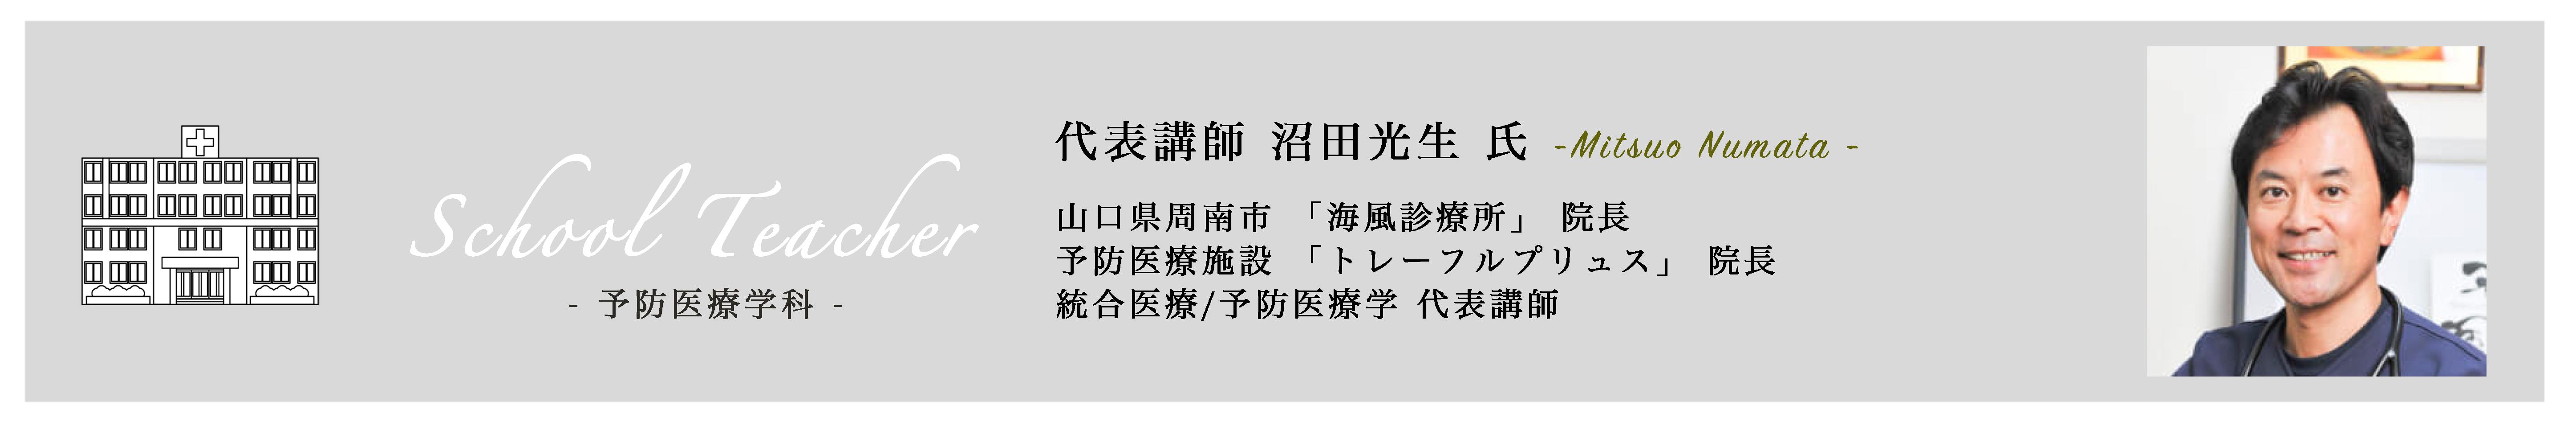 代表講師 沼田光生 氏 -Mitsuo Numata -